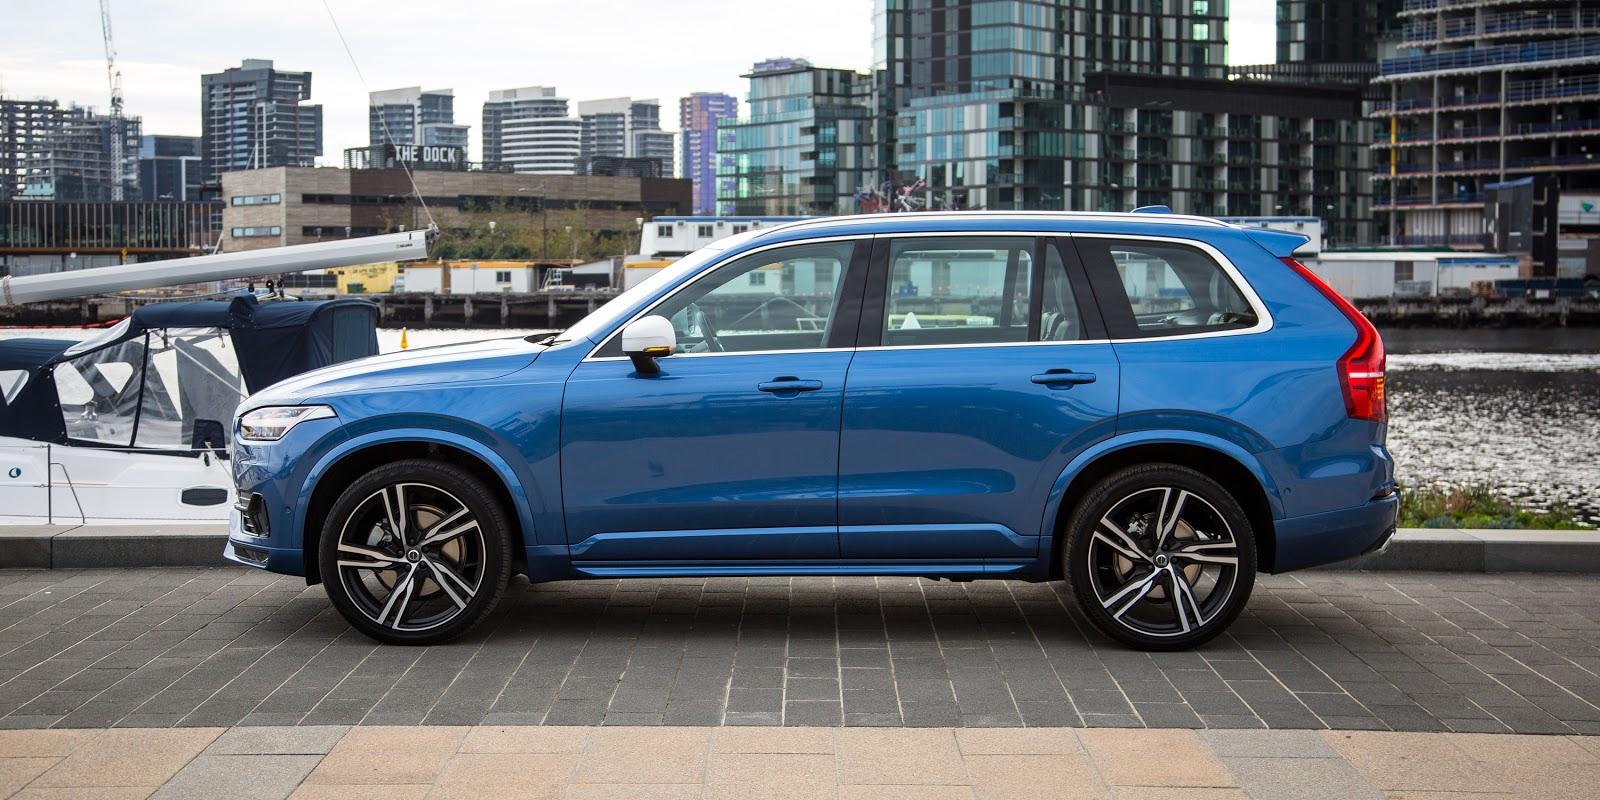 Volvo XC90 2016 là một chiếc xe đô thị tốt bậc nhất hiện nay